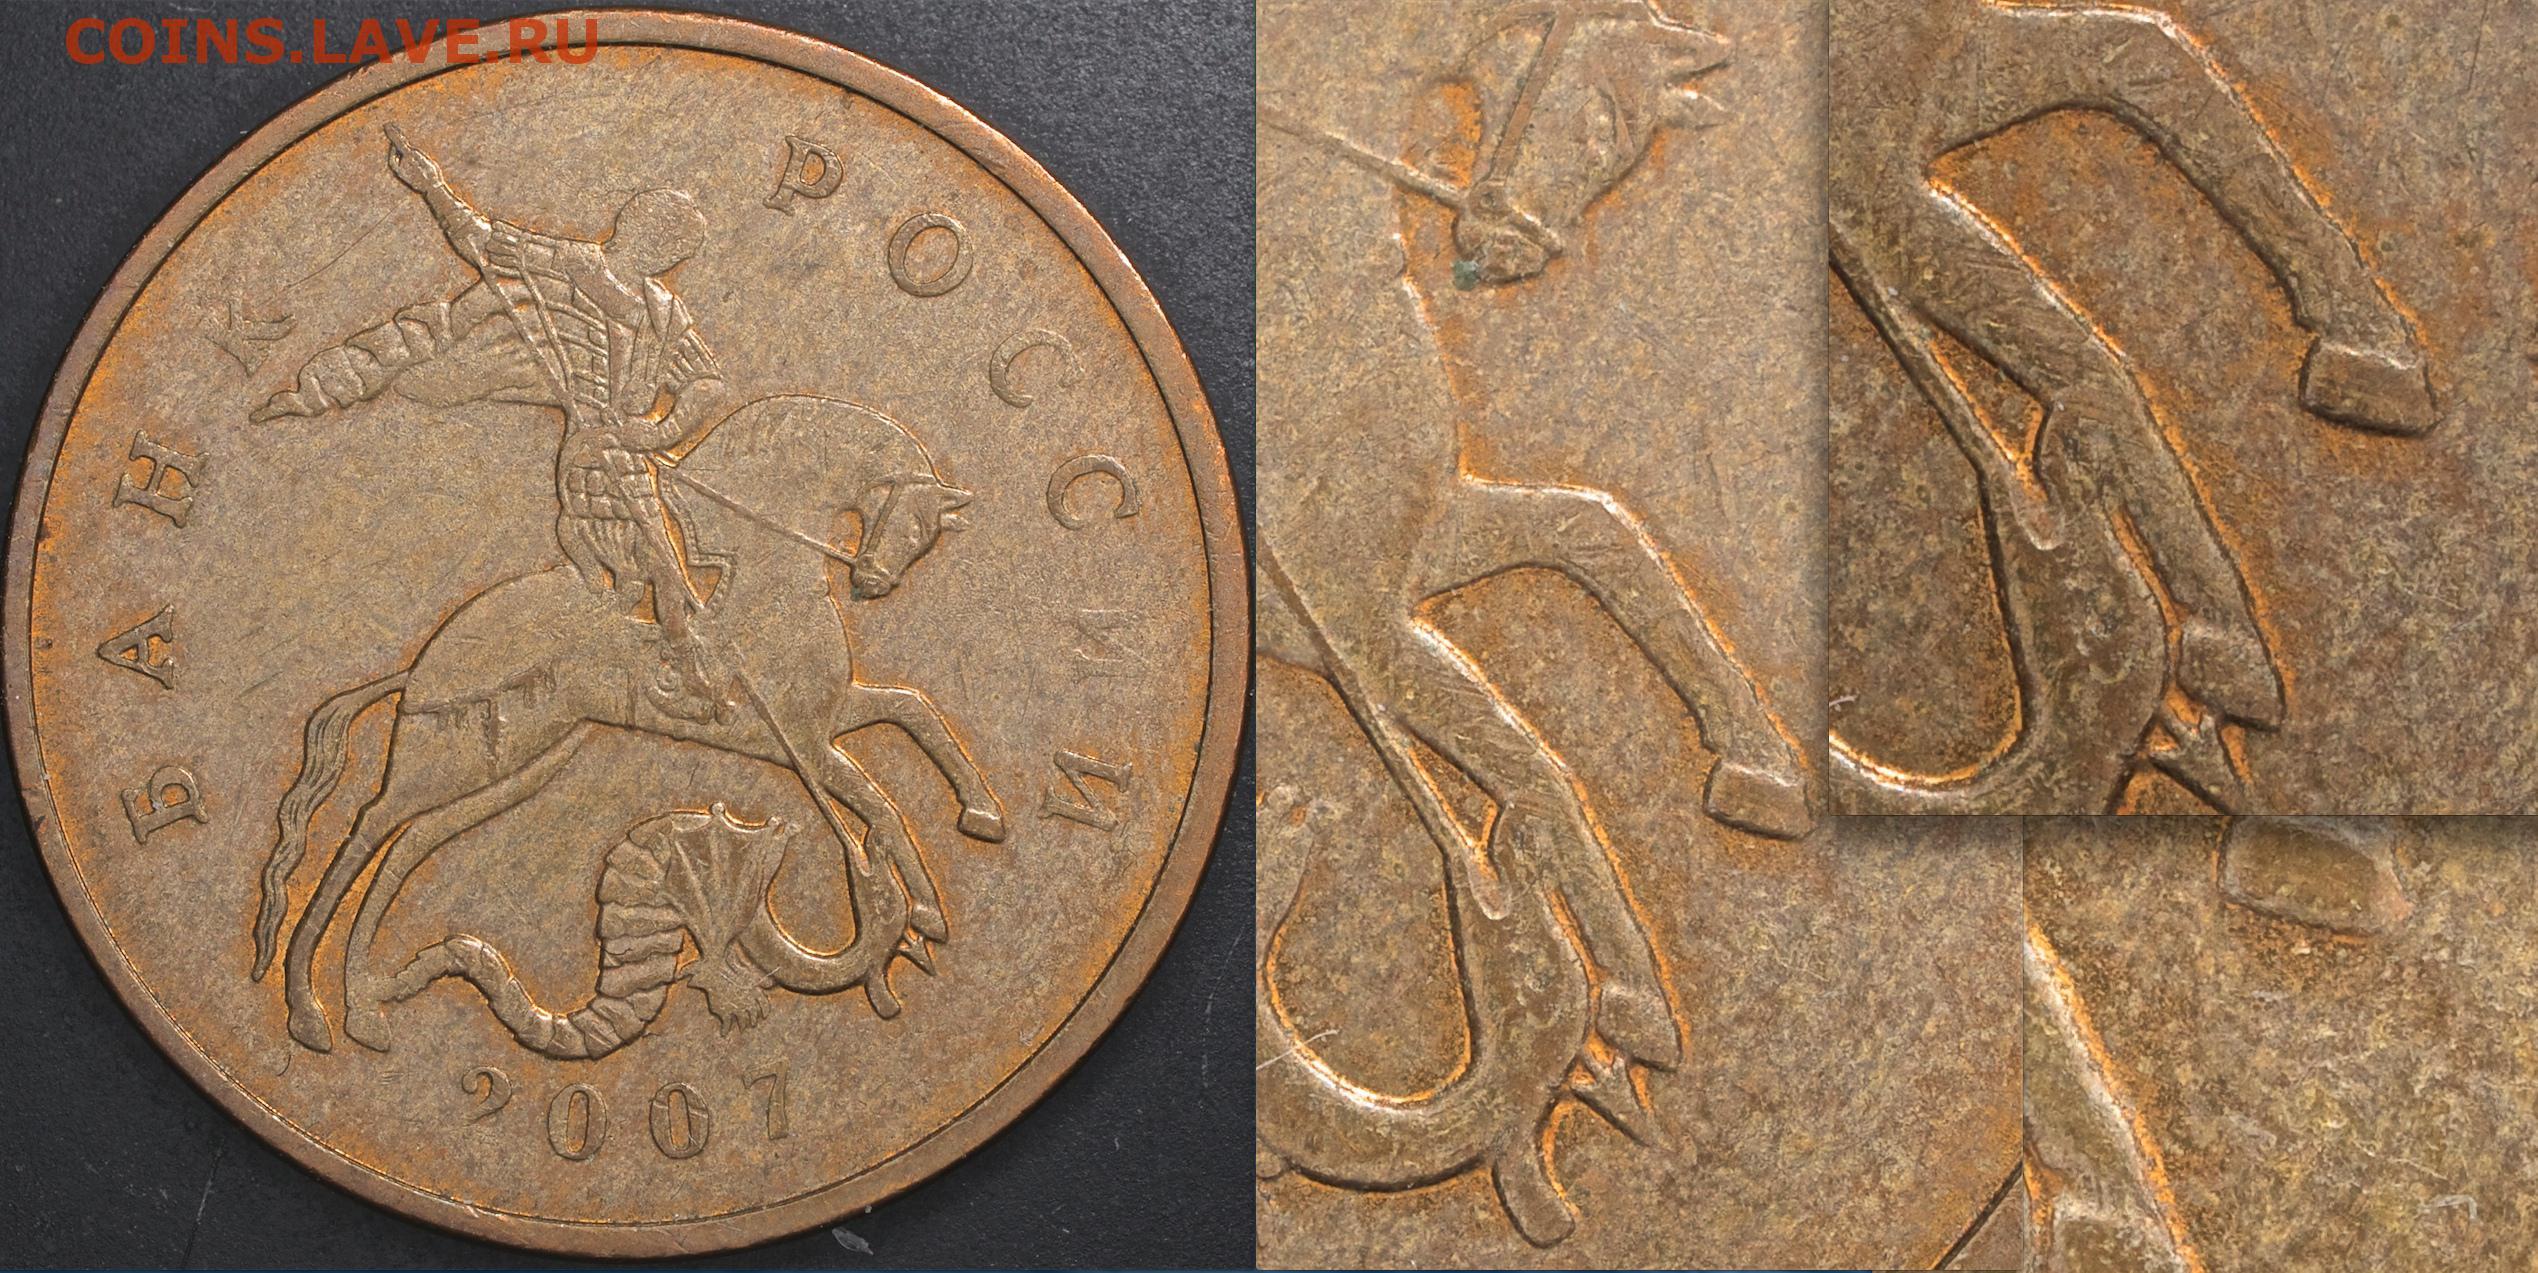 50 копеек без знака монетного двора сколько стоит золотая царская монета